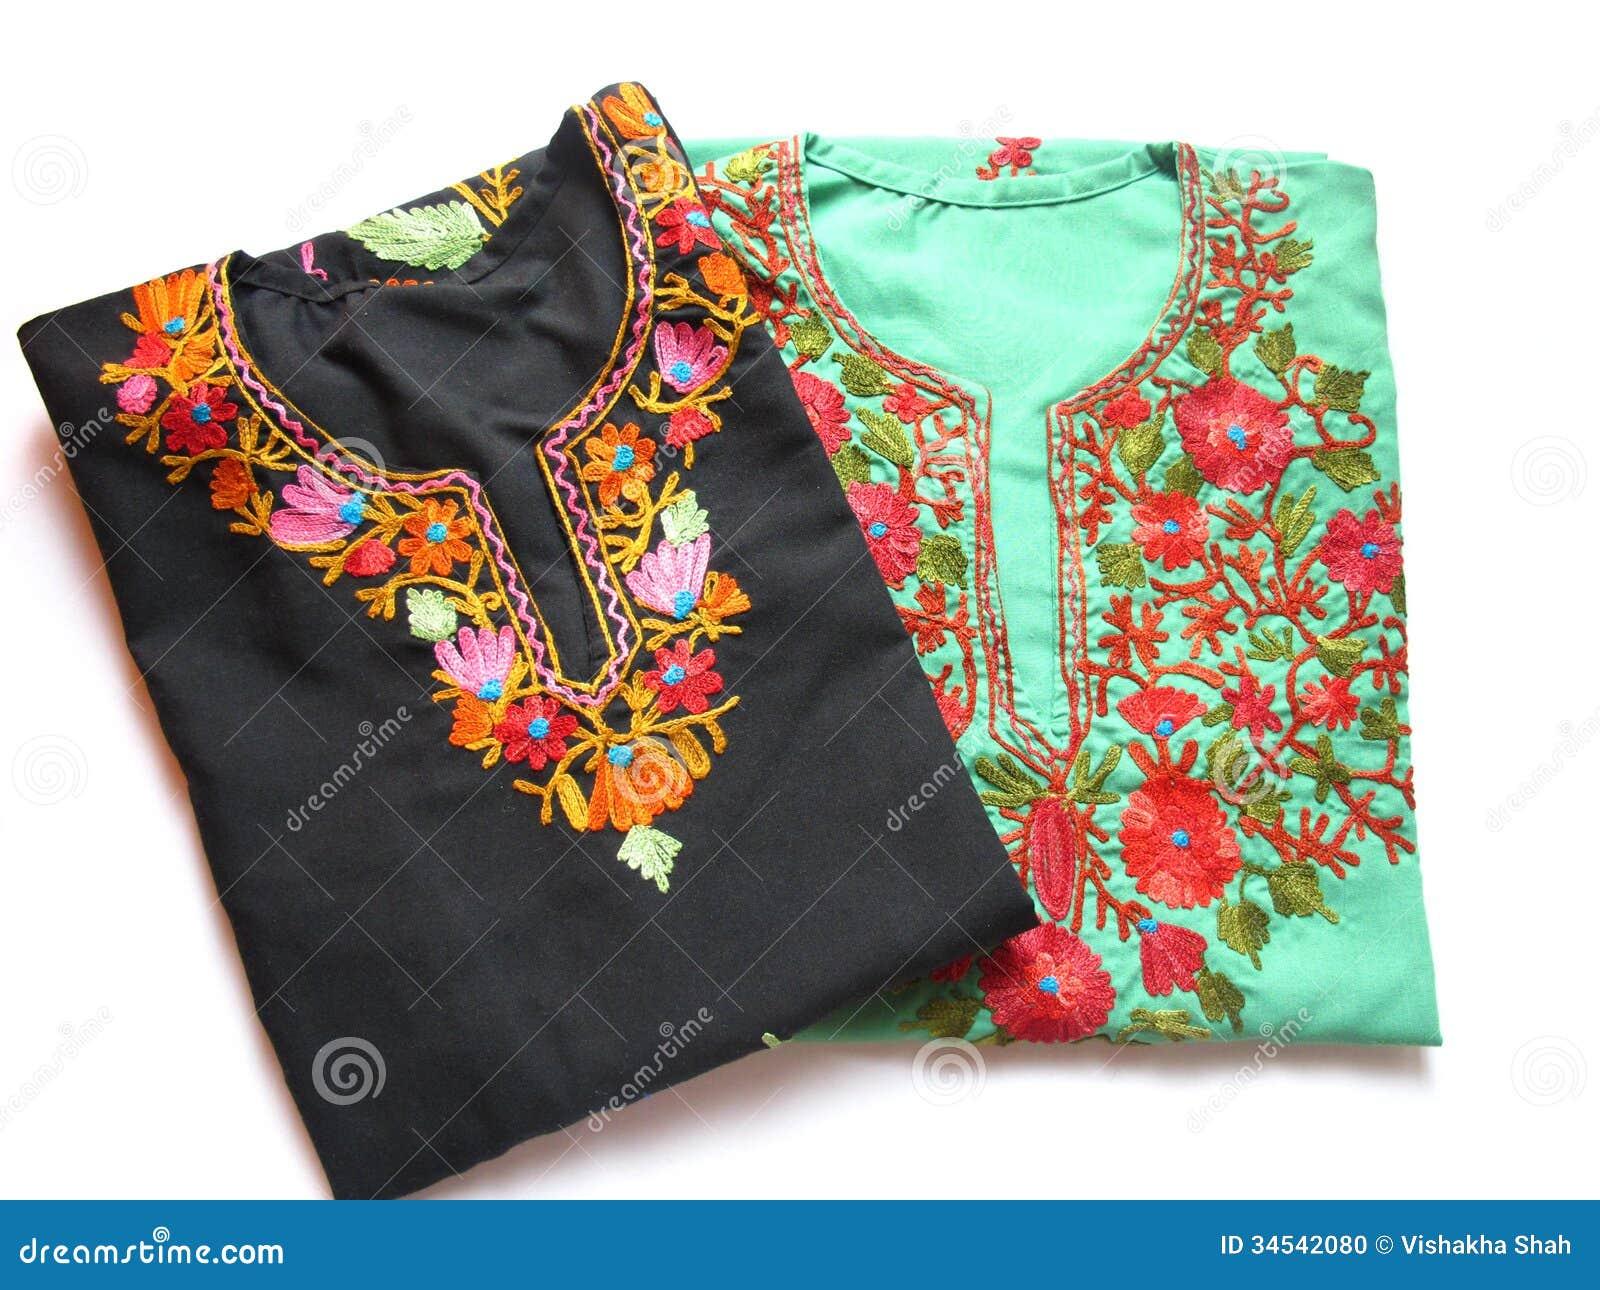 Kashmiri Embroidery Kurtis Stock Photo Image Of Isolated 34542080